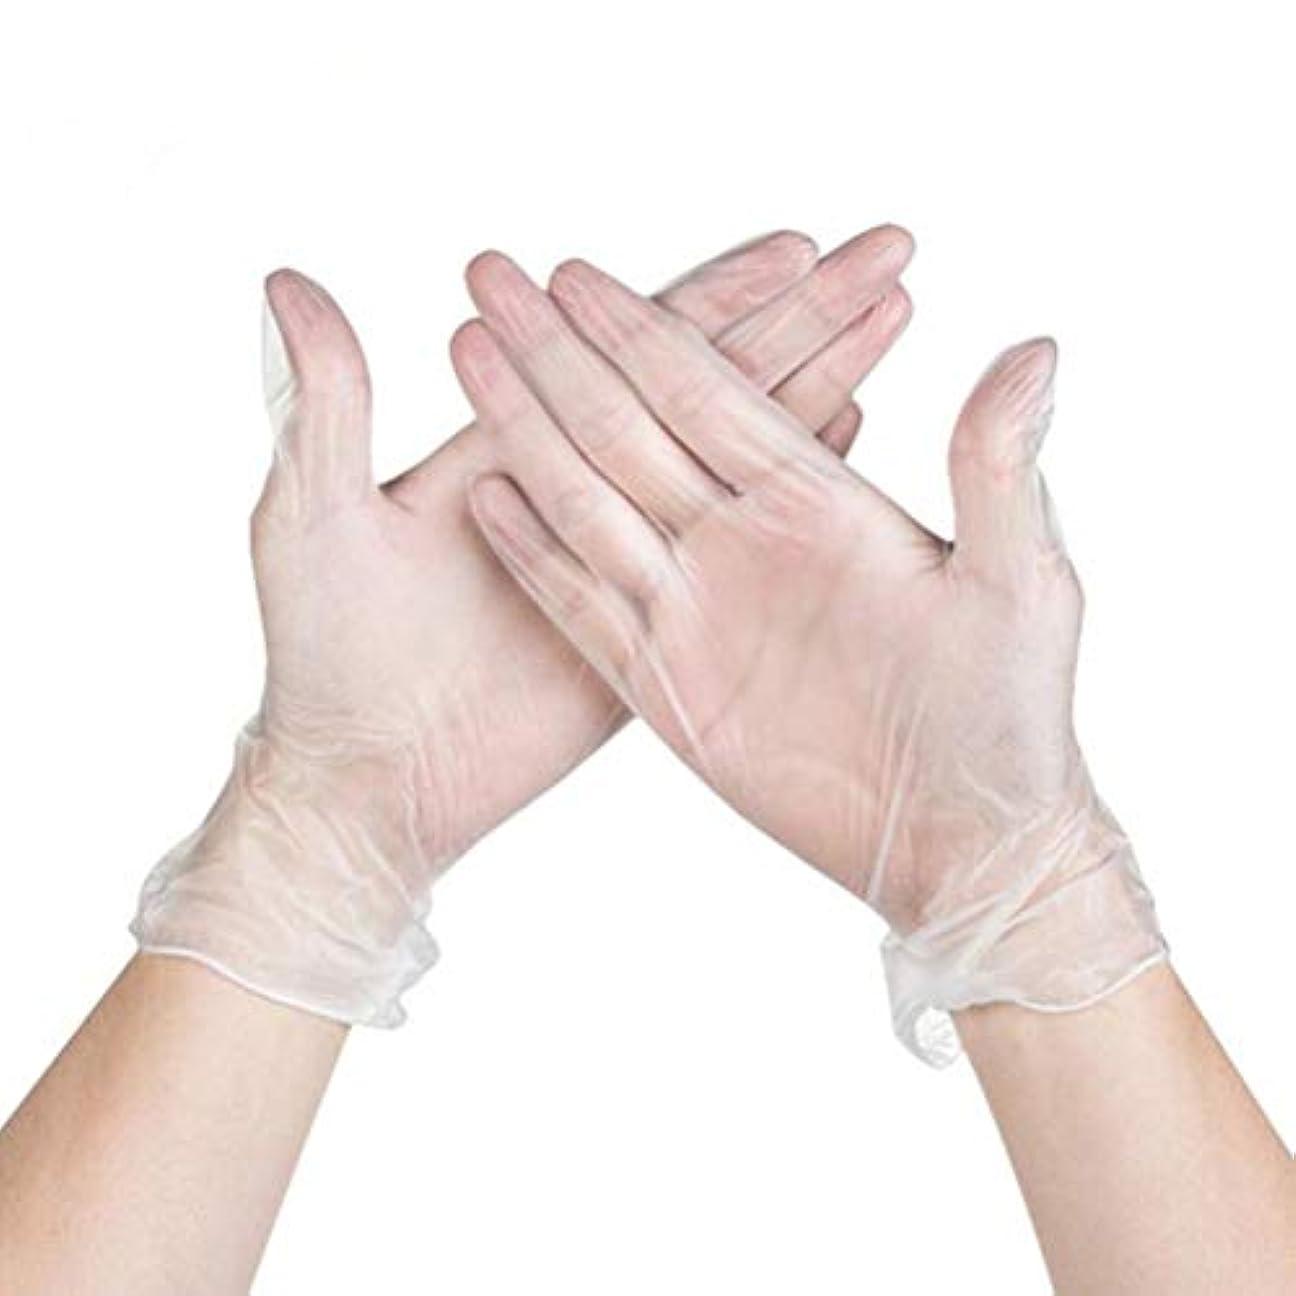 ラジエーター野生無駄にUPKOCH 透明使い捨てタトゥー手袋ニトリル手袋メディカルクリーニングキッチン調理手袋1個